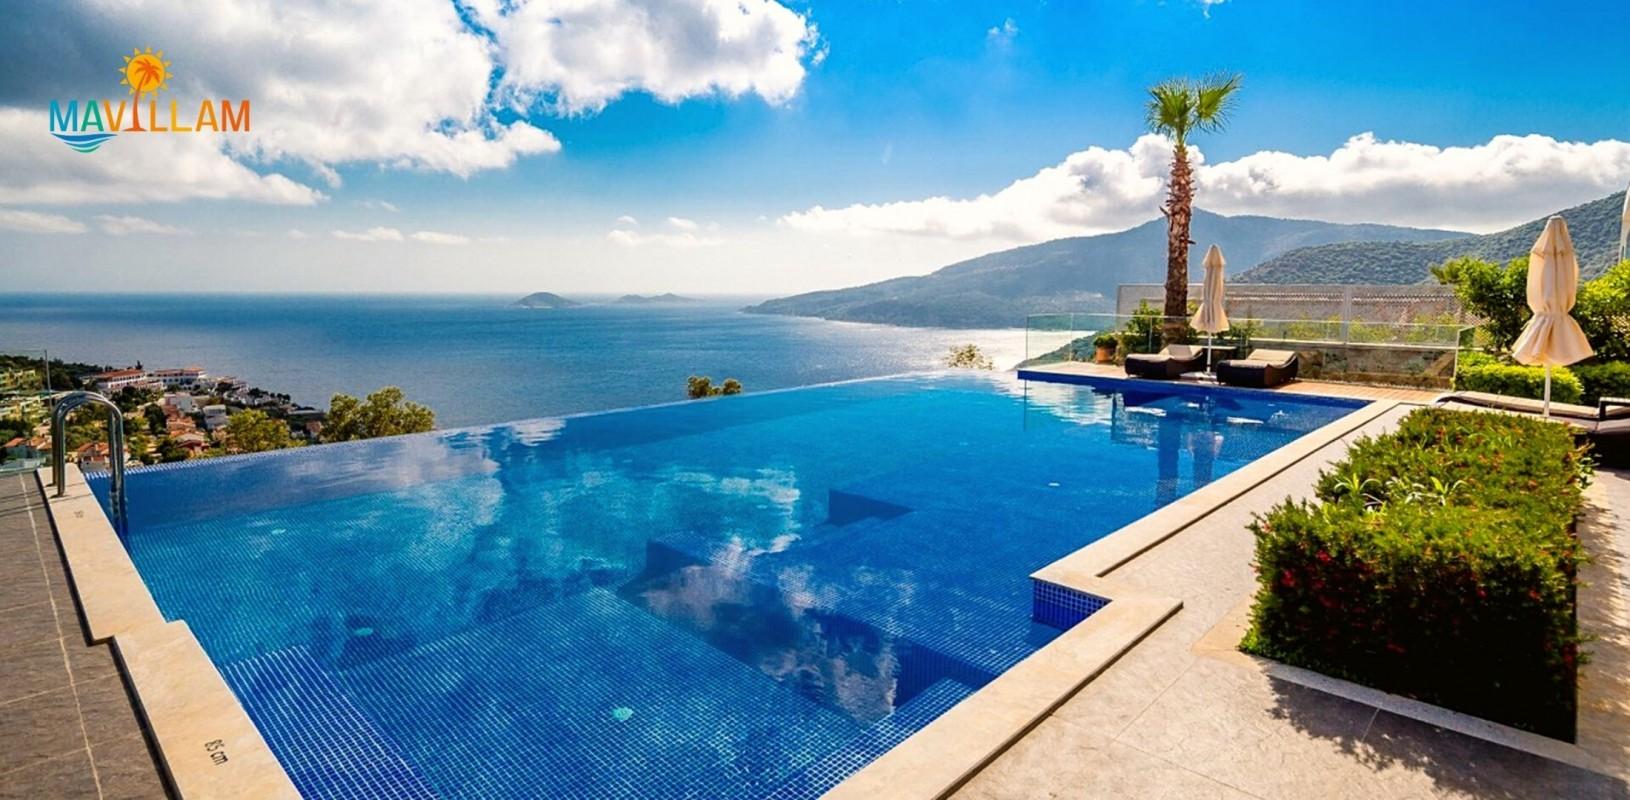 Tatil Rezervasyonlarında Kiralık Villa Avantajları Nelerdir?